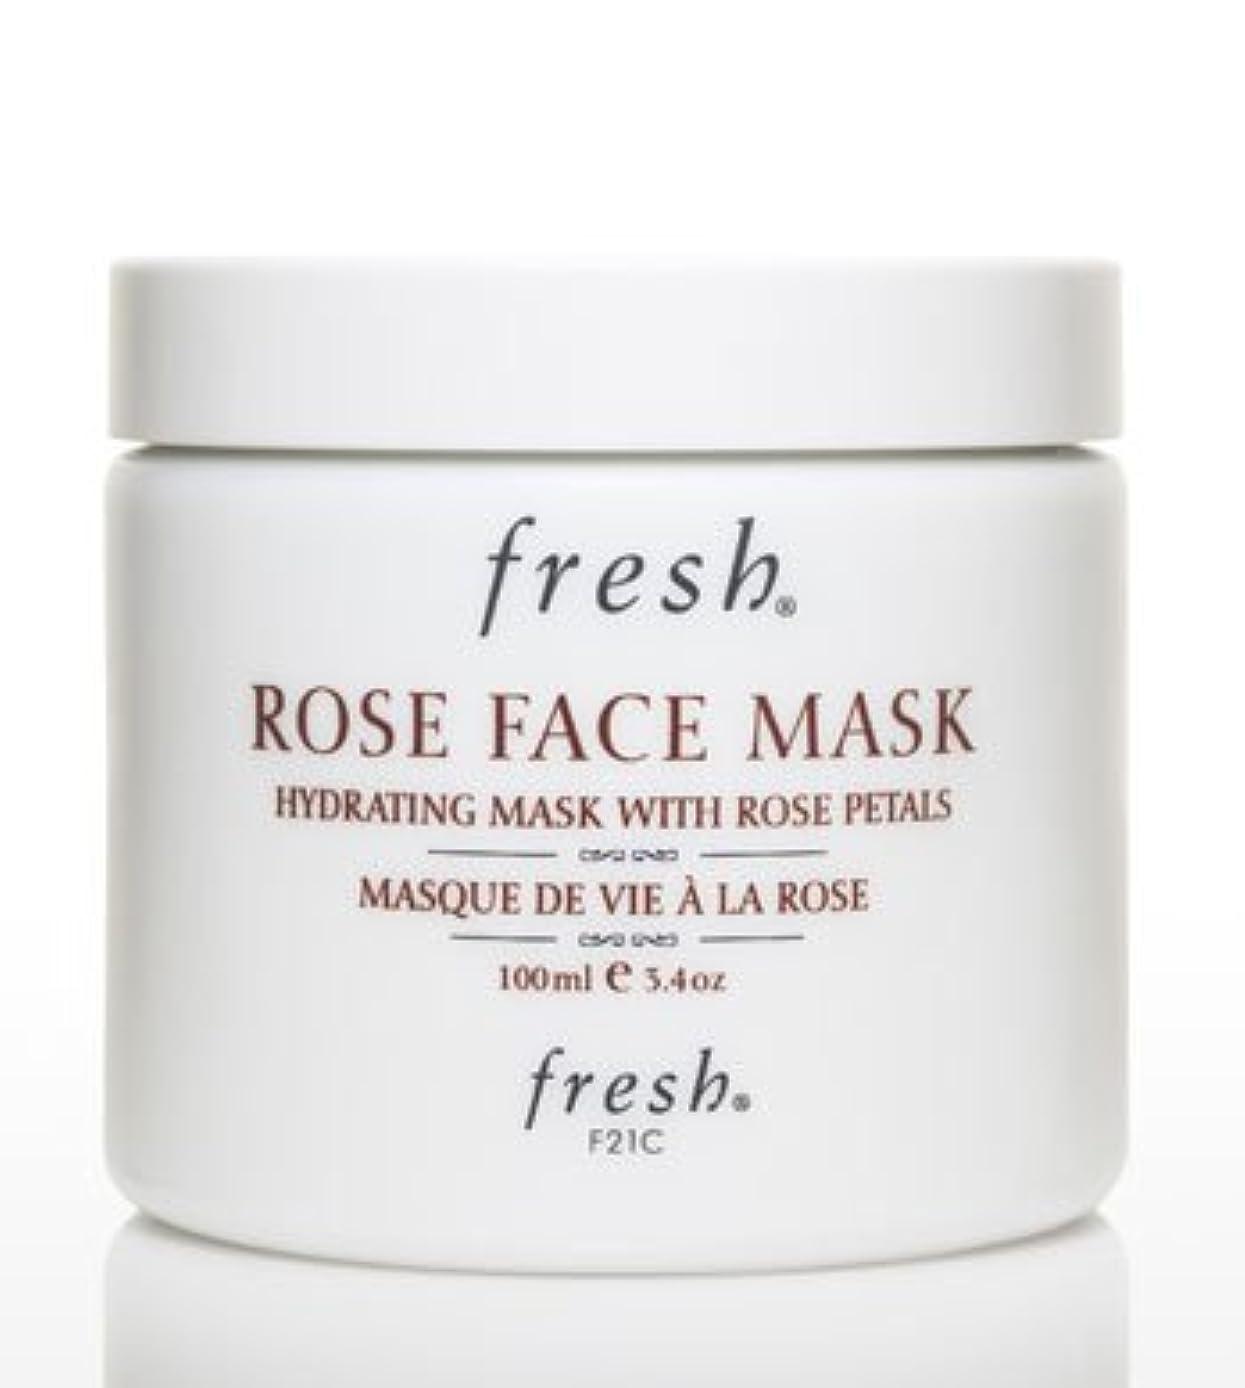 賃金アセンブリ上院Fresh ROSE FACE MASK (フレッシュ ローズフェイスマスク) 3.4 oz (100g) by Fresh for Women